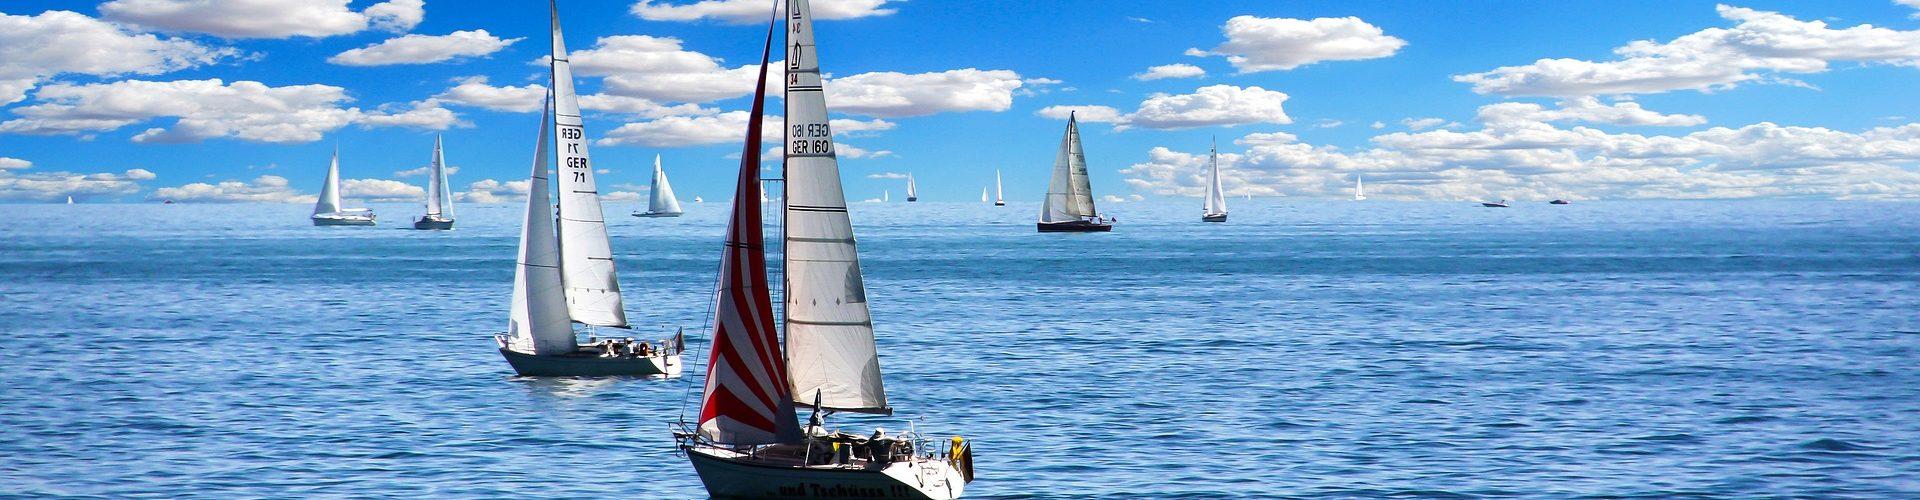 segeln lernen in Worbis segelschein machen in Worbis 1920x500 - Segeln lernen in Worbis